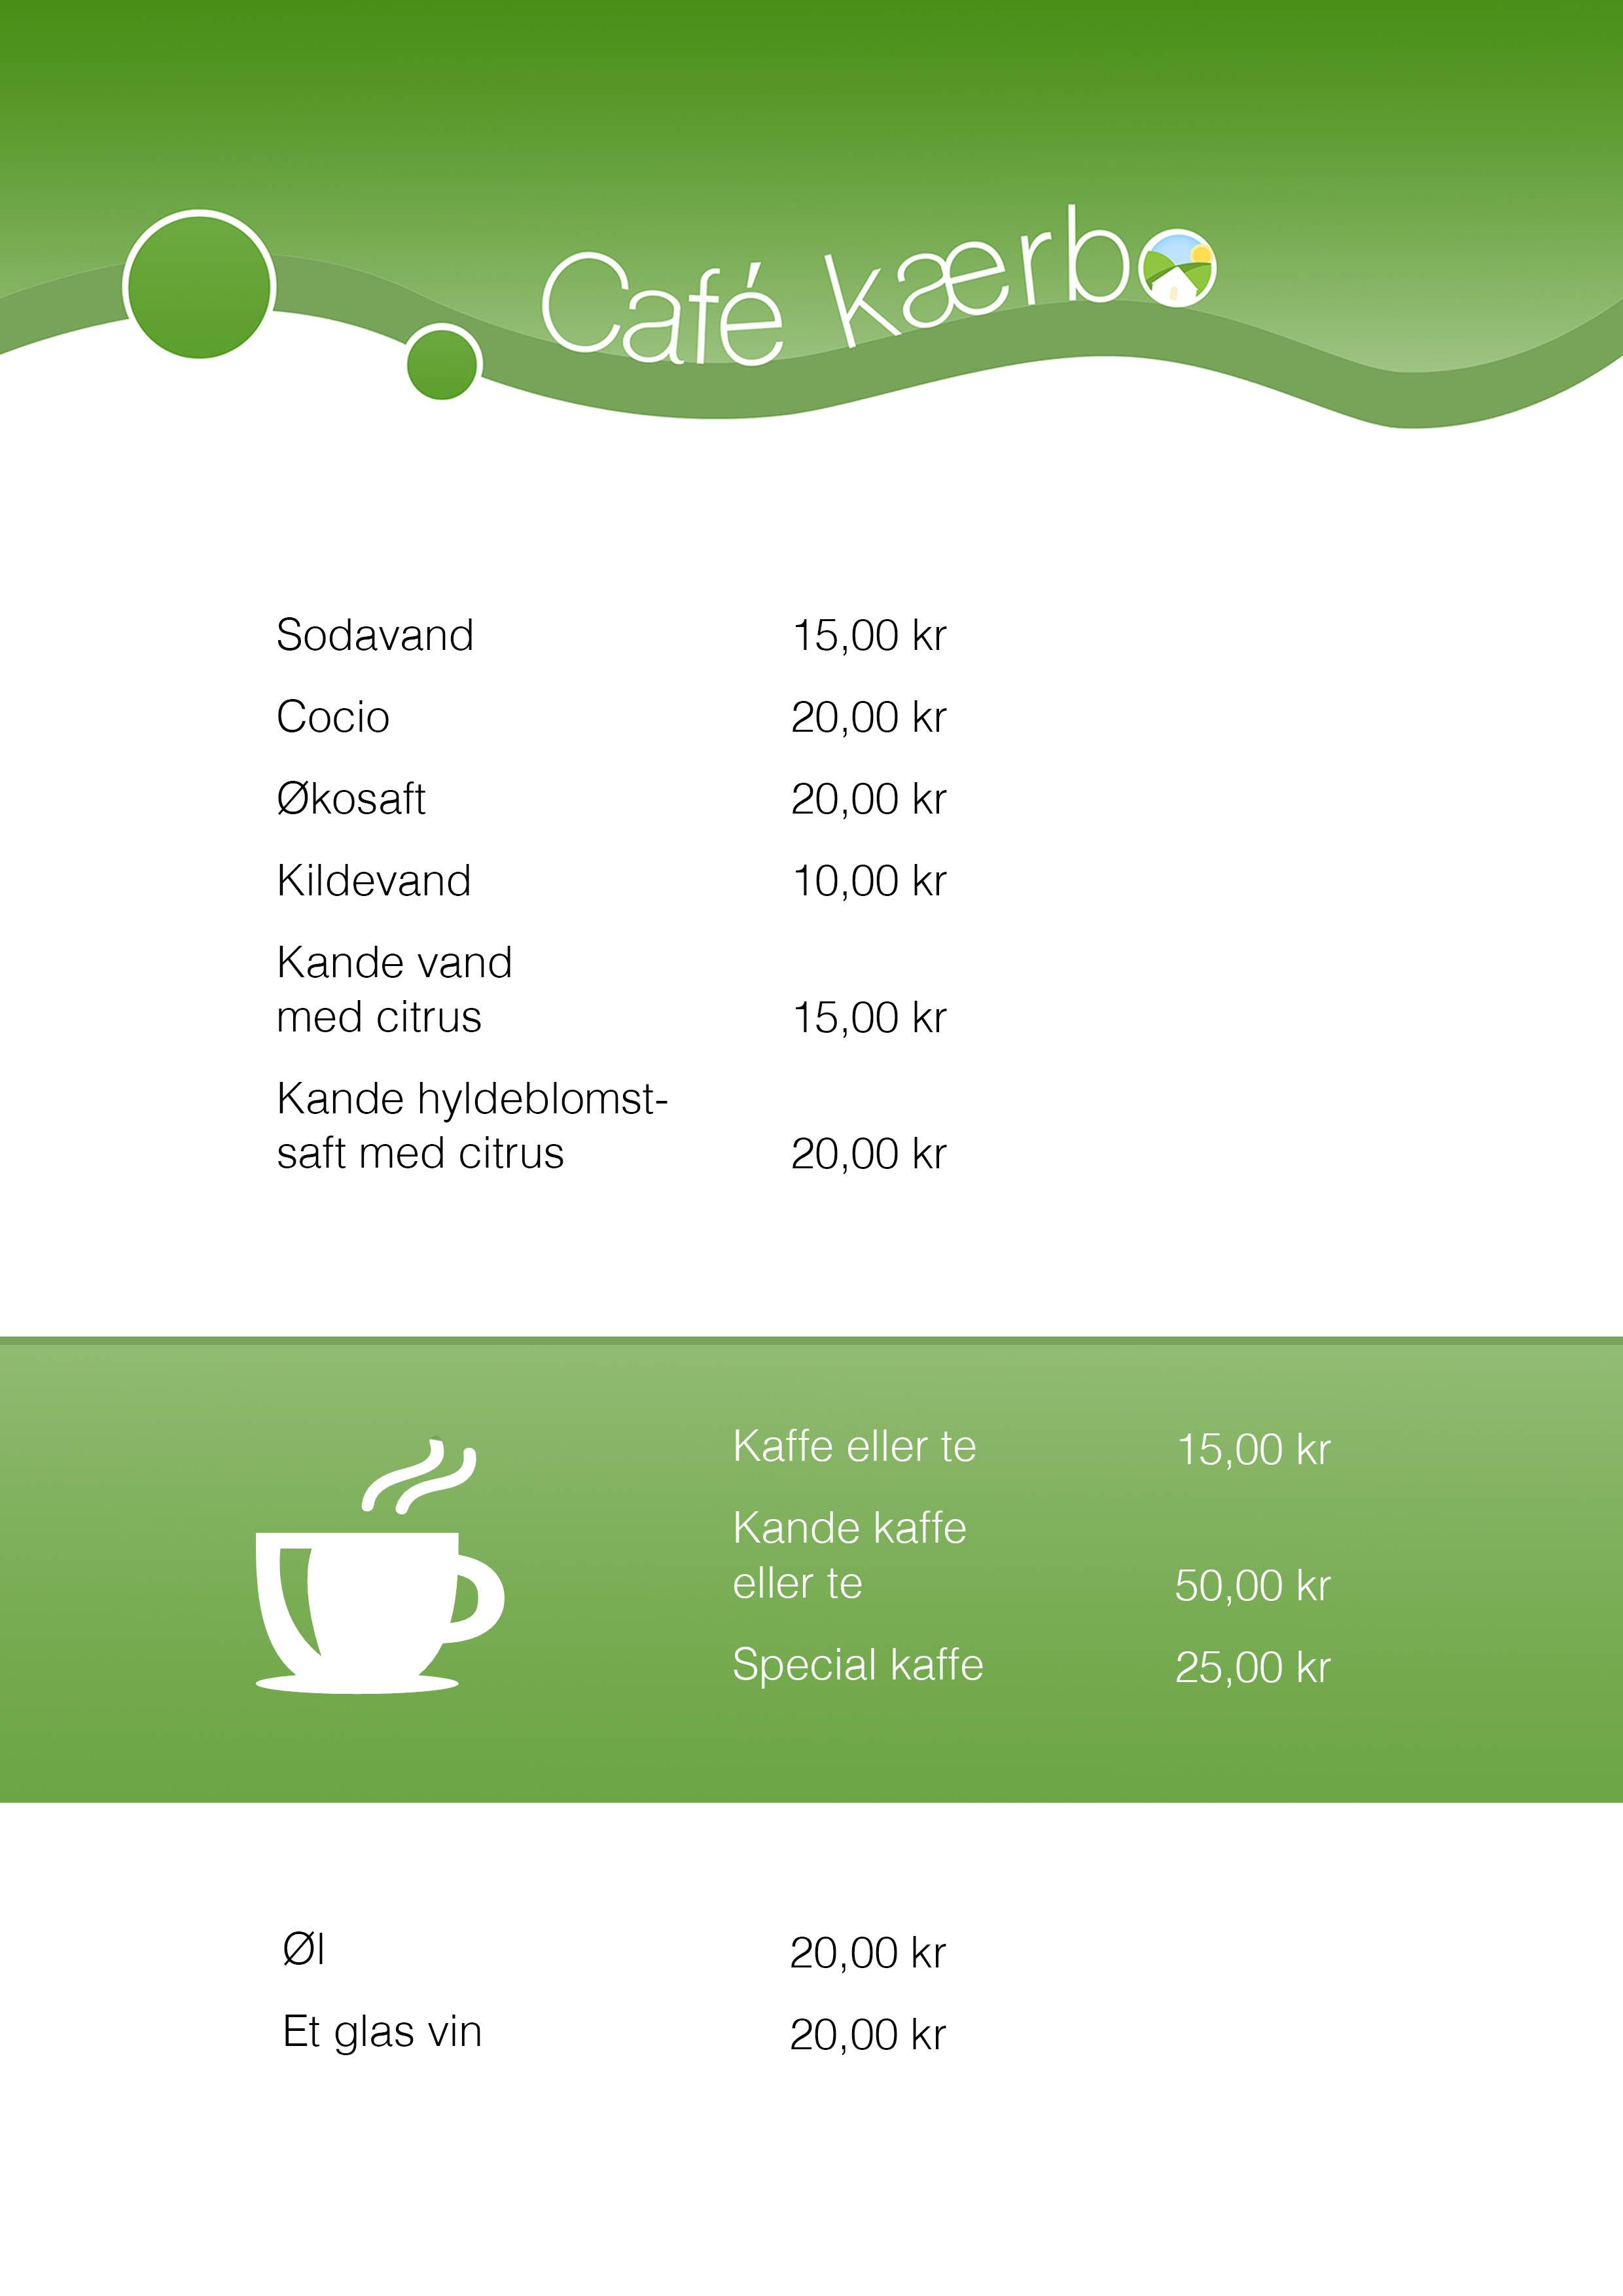 Café kærbos menukort